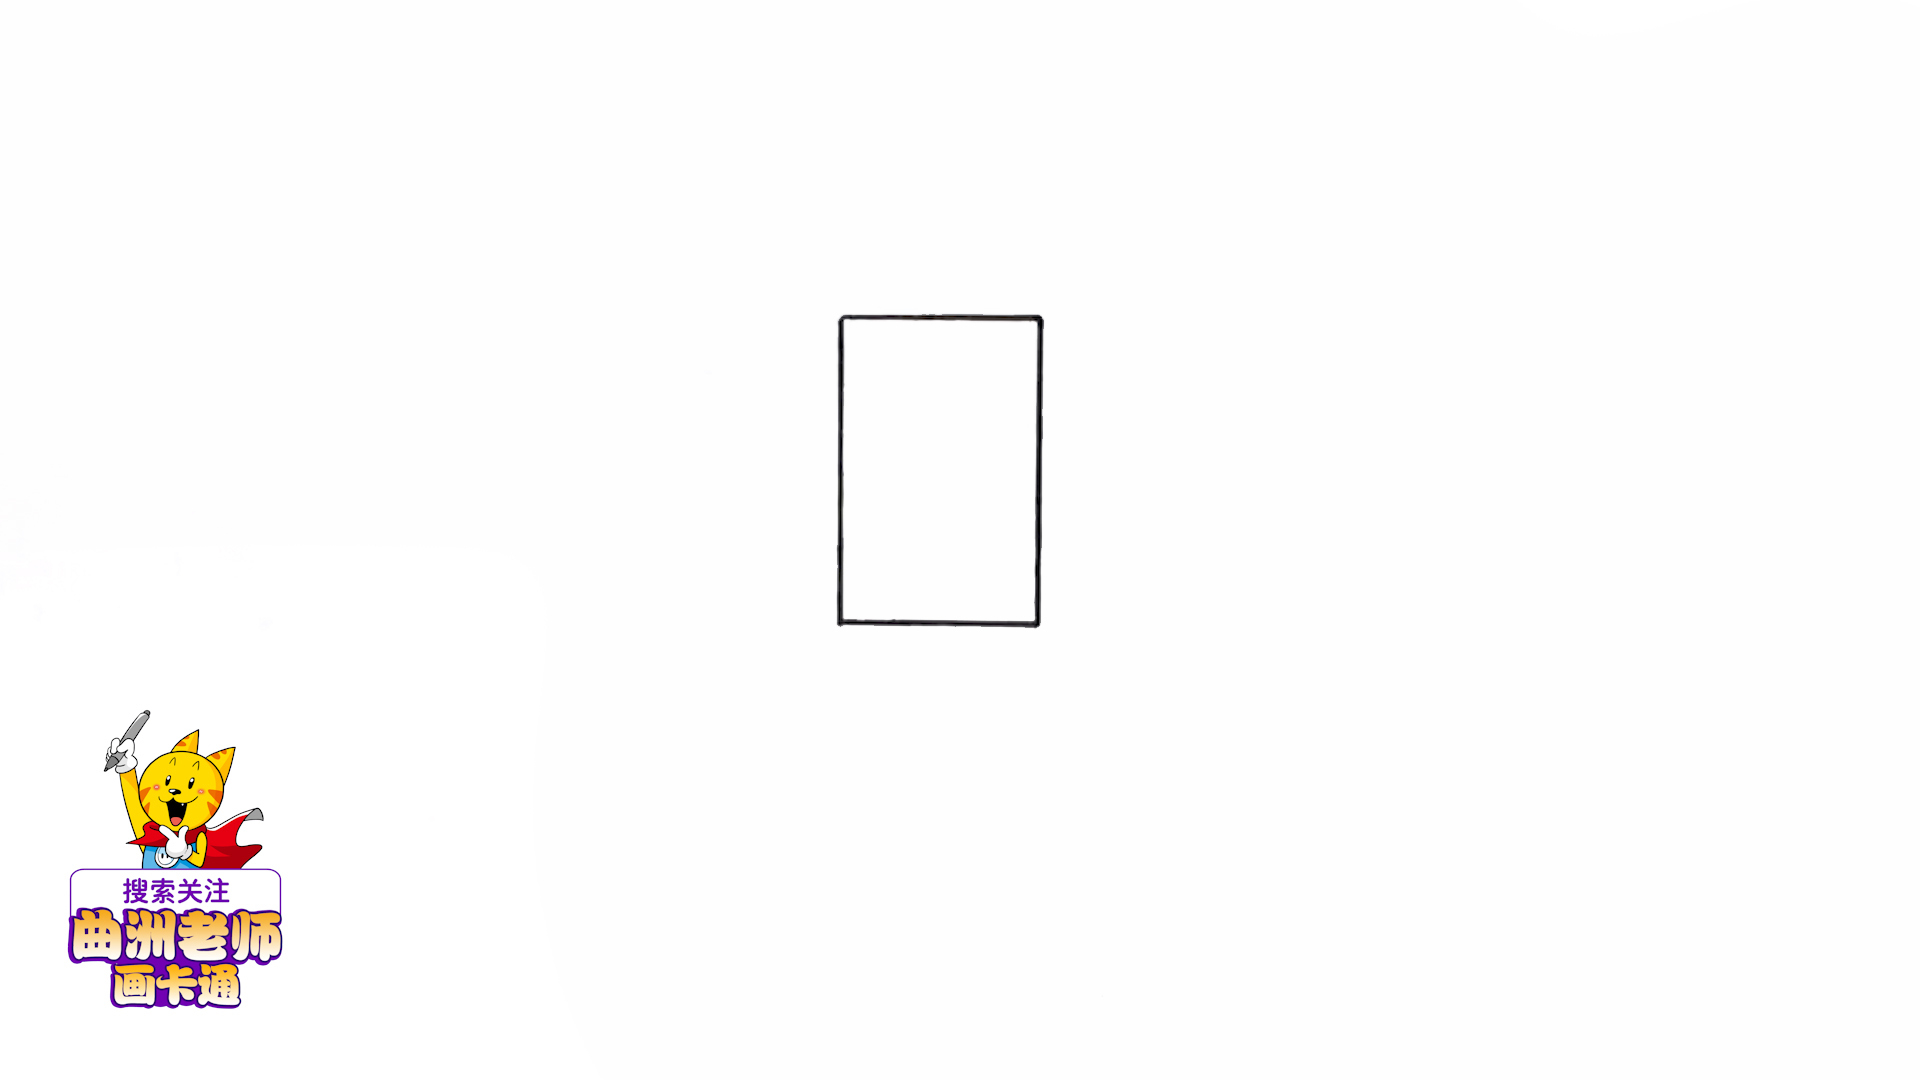 一分钟简笔画,教孩子用长方形画出一位帅气的国王_绘画图片